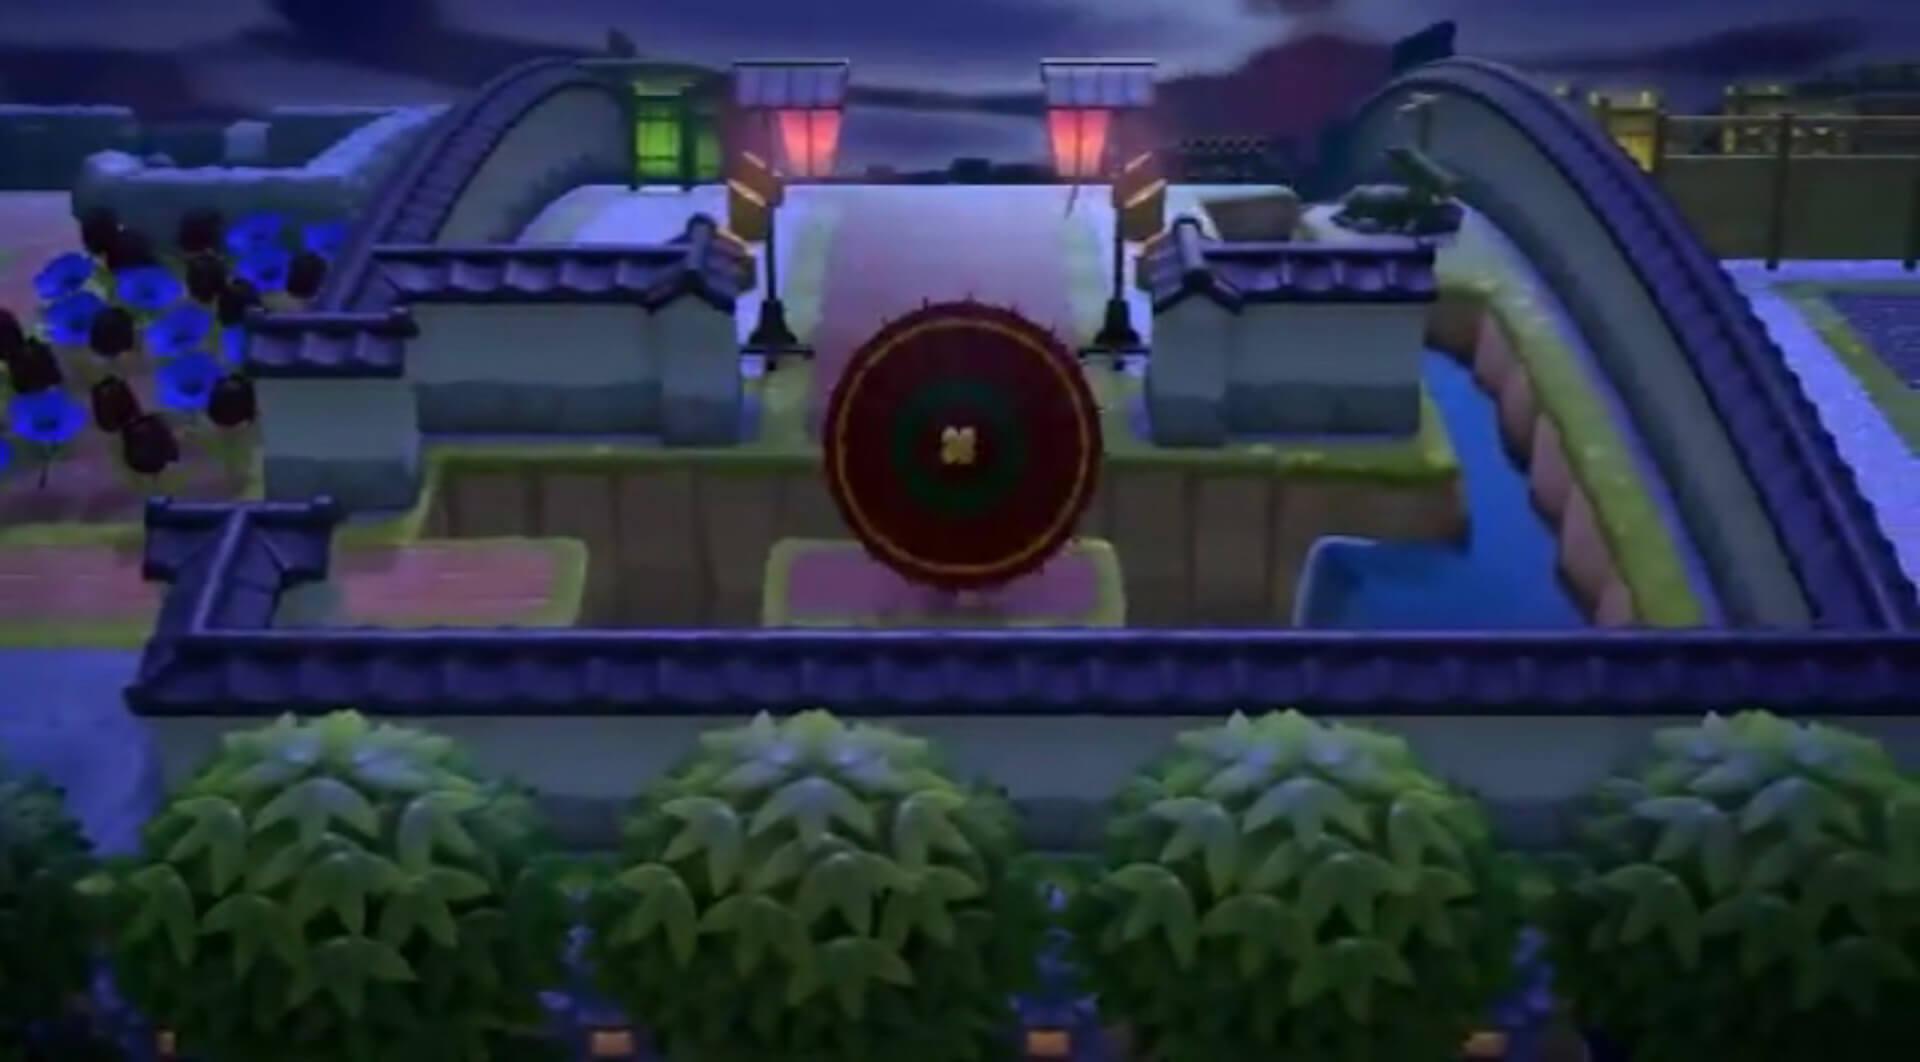 あつ森のユニーク島が勢ぞろい!GameWithによる『あつまれどうぶつの森』のStayHome企画のコンテスト入賞者が発表 tech200602_animalcrossing_1